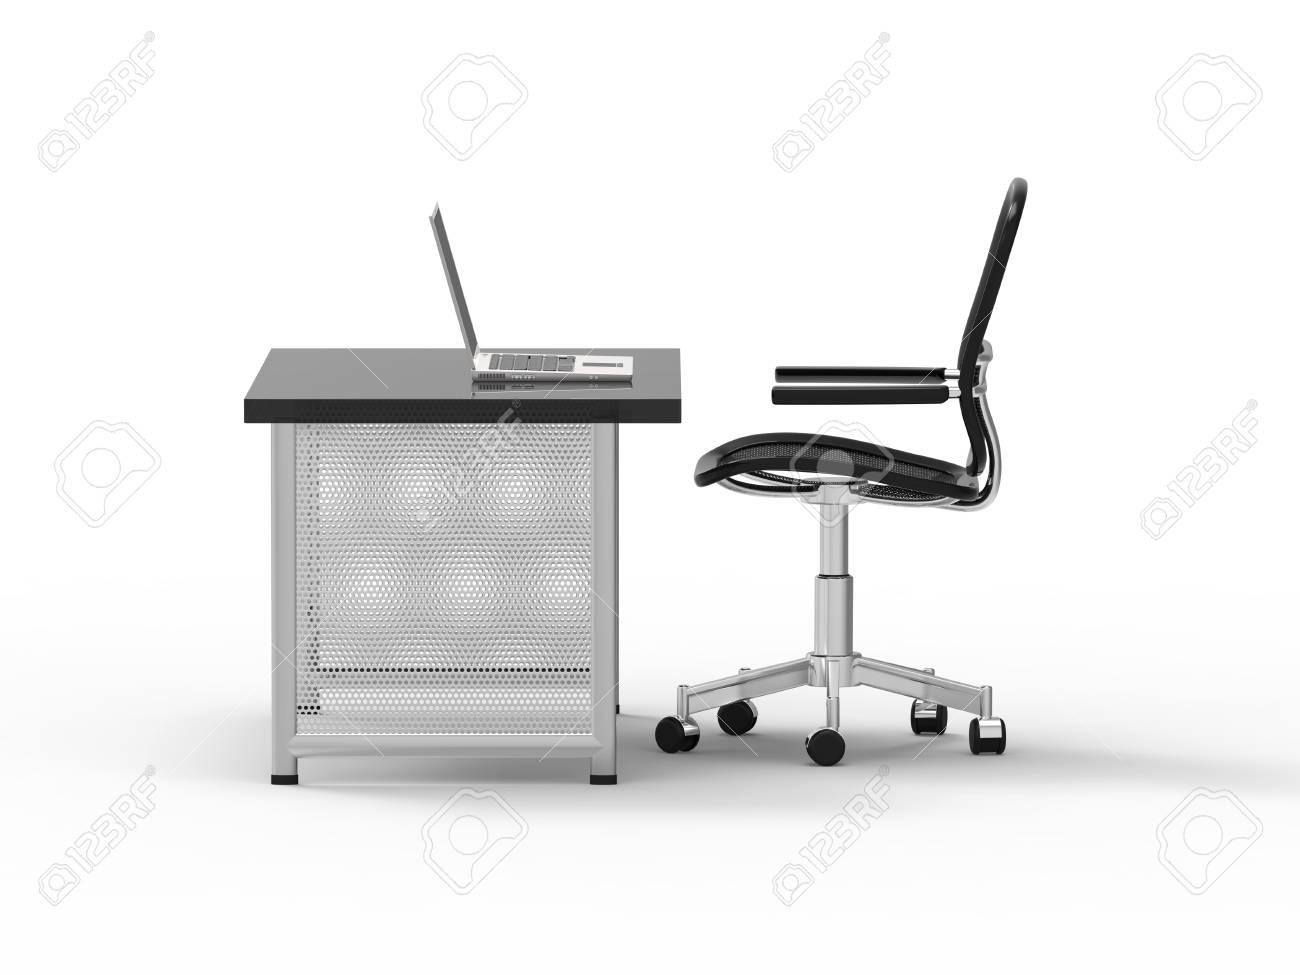 Immagini stock scrivania per ufficio con computer notebook luce